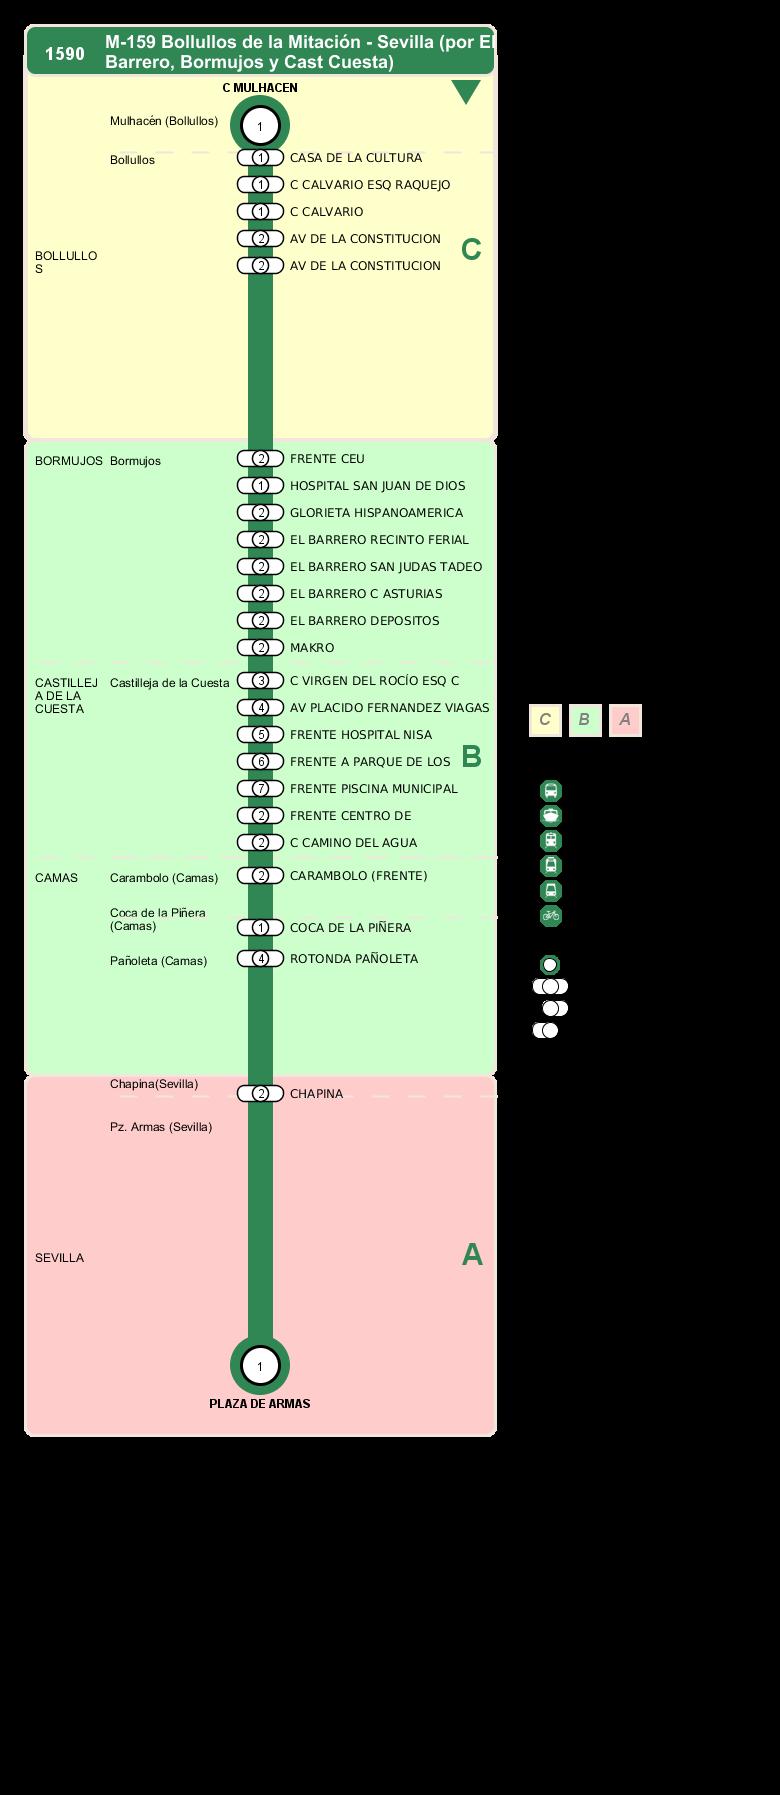 Consorcio de transportes de andaluc a for Piscina municipal bormujos